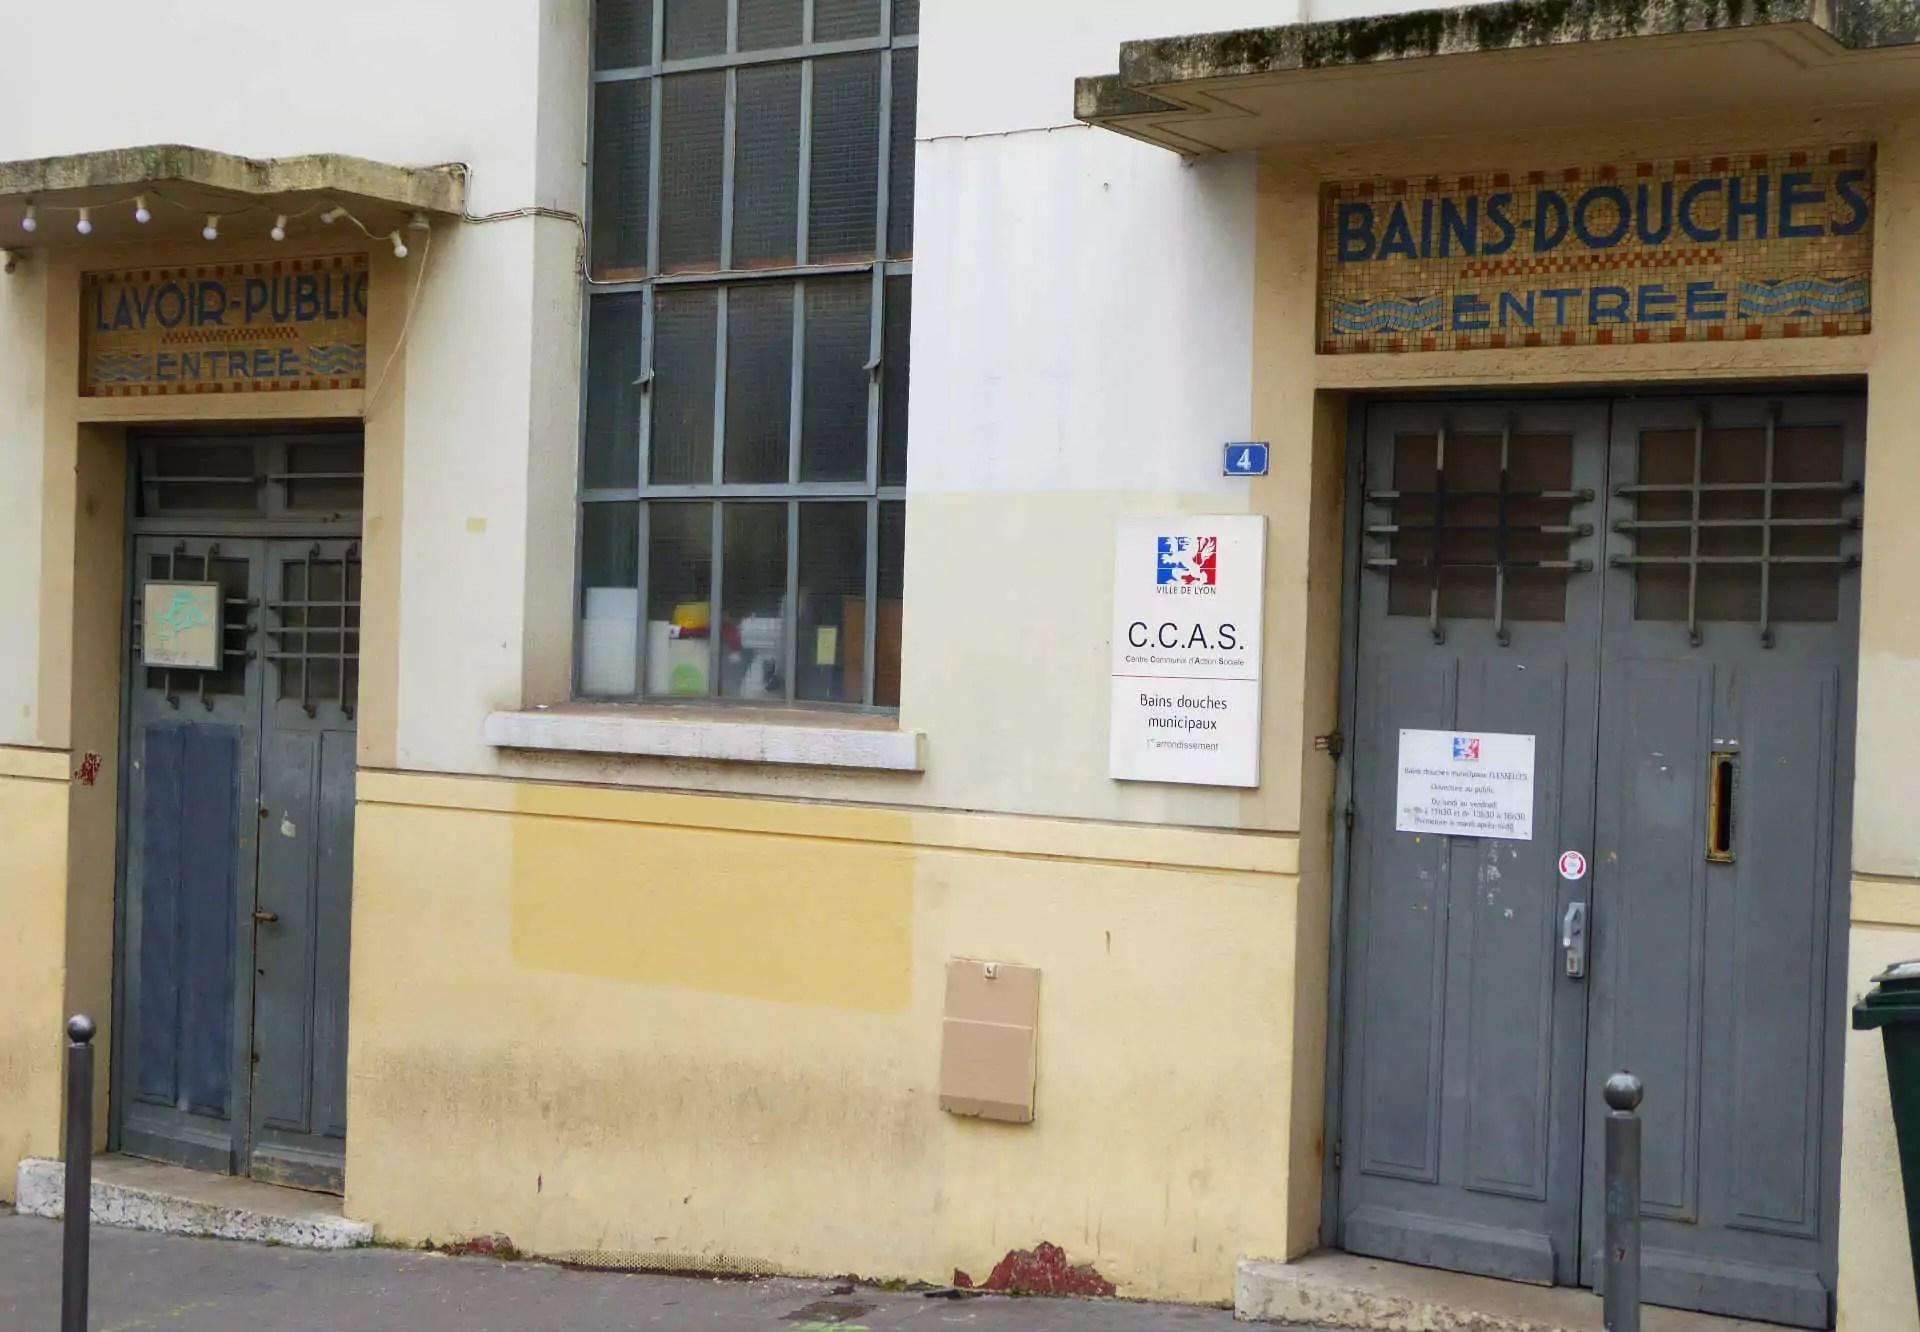 A Lyon, le site des bains douches est tenu par le CCAS